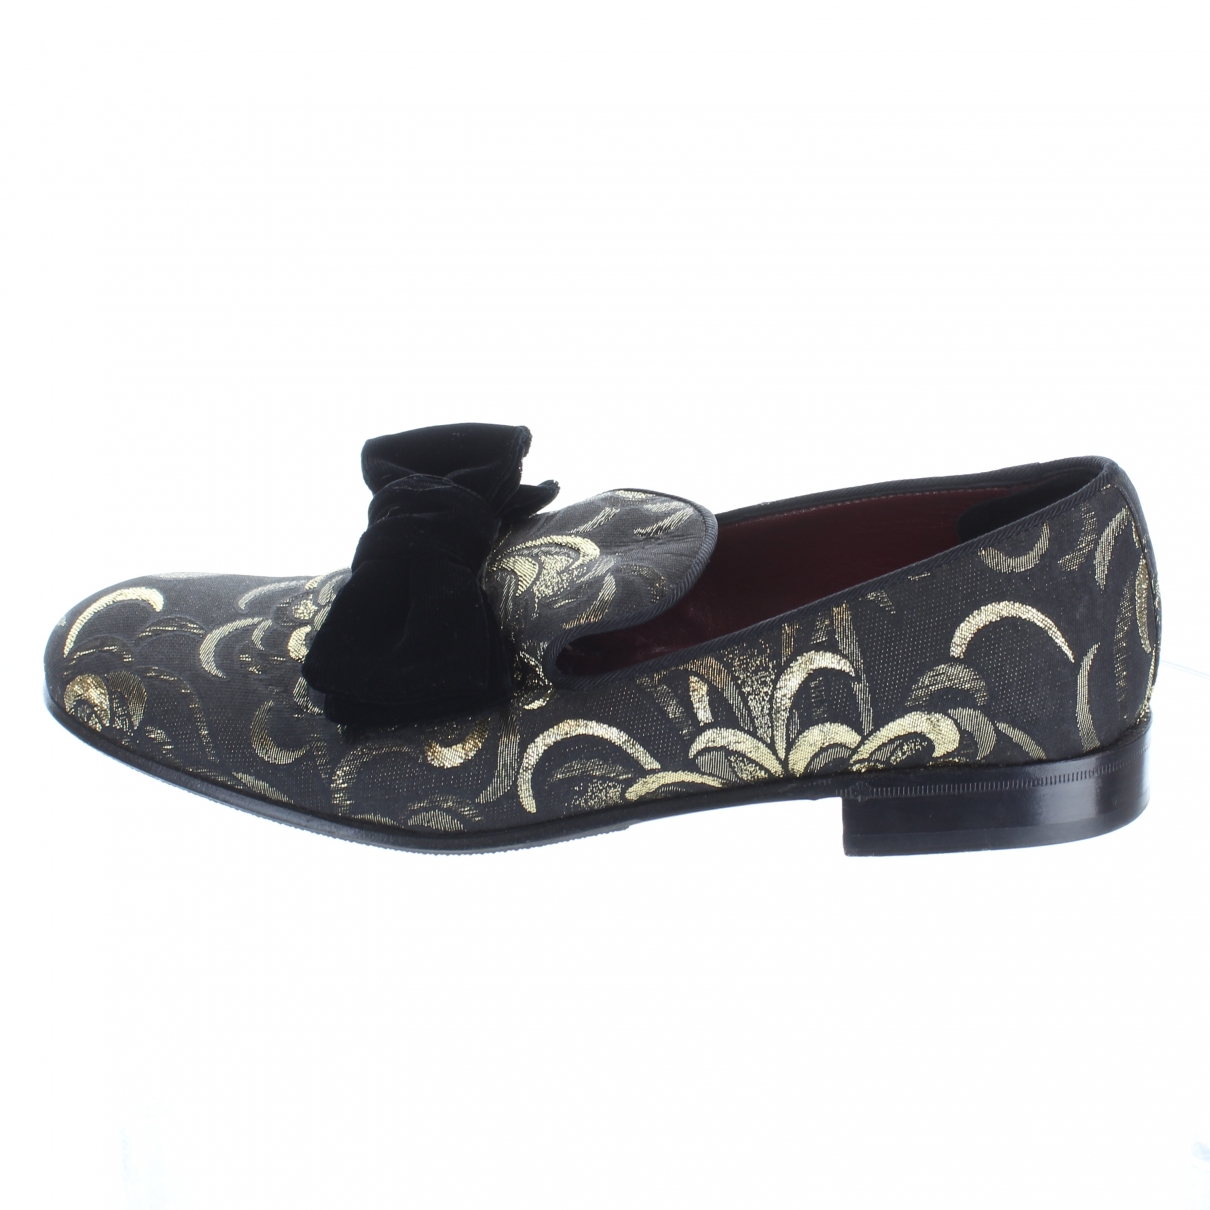 Dolce & Gabbana - Mocassins   pour homme en toile - noir